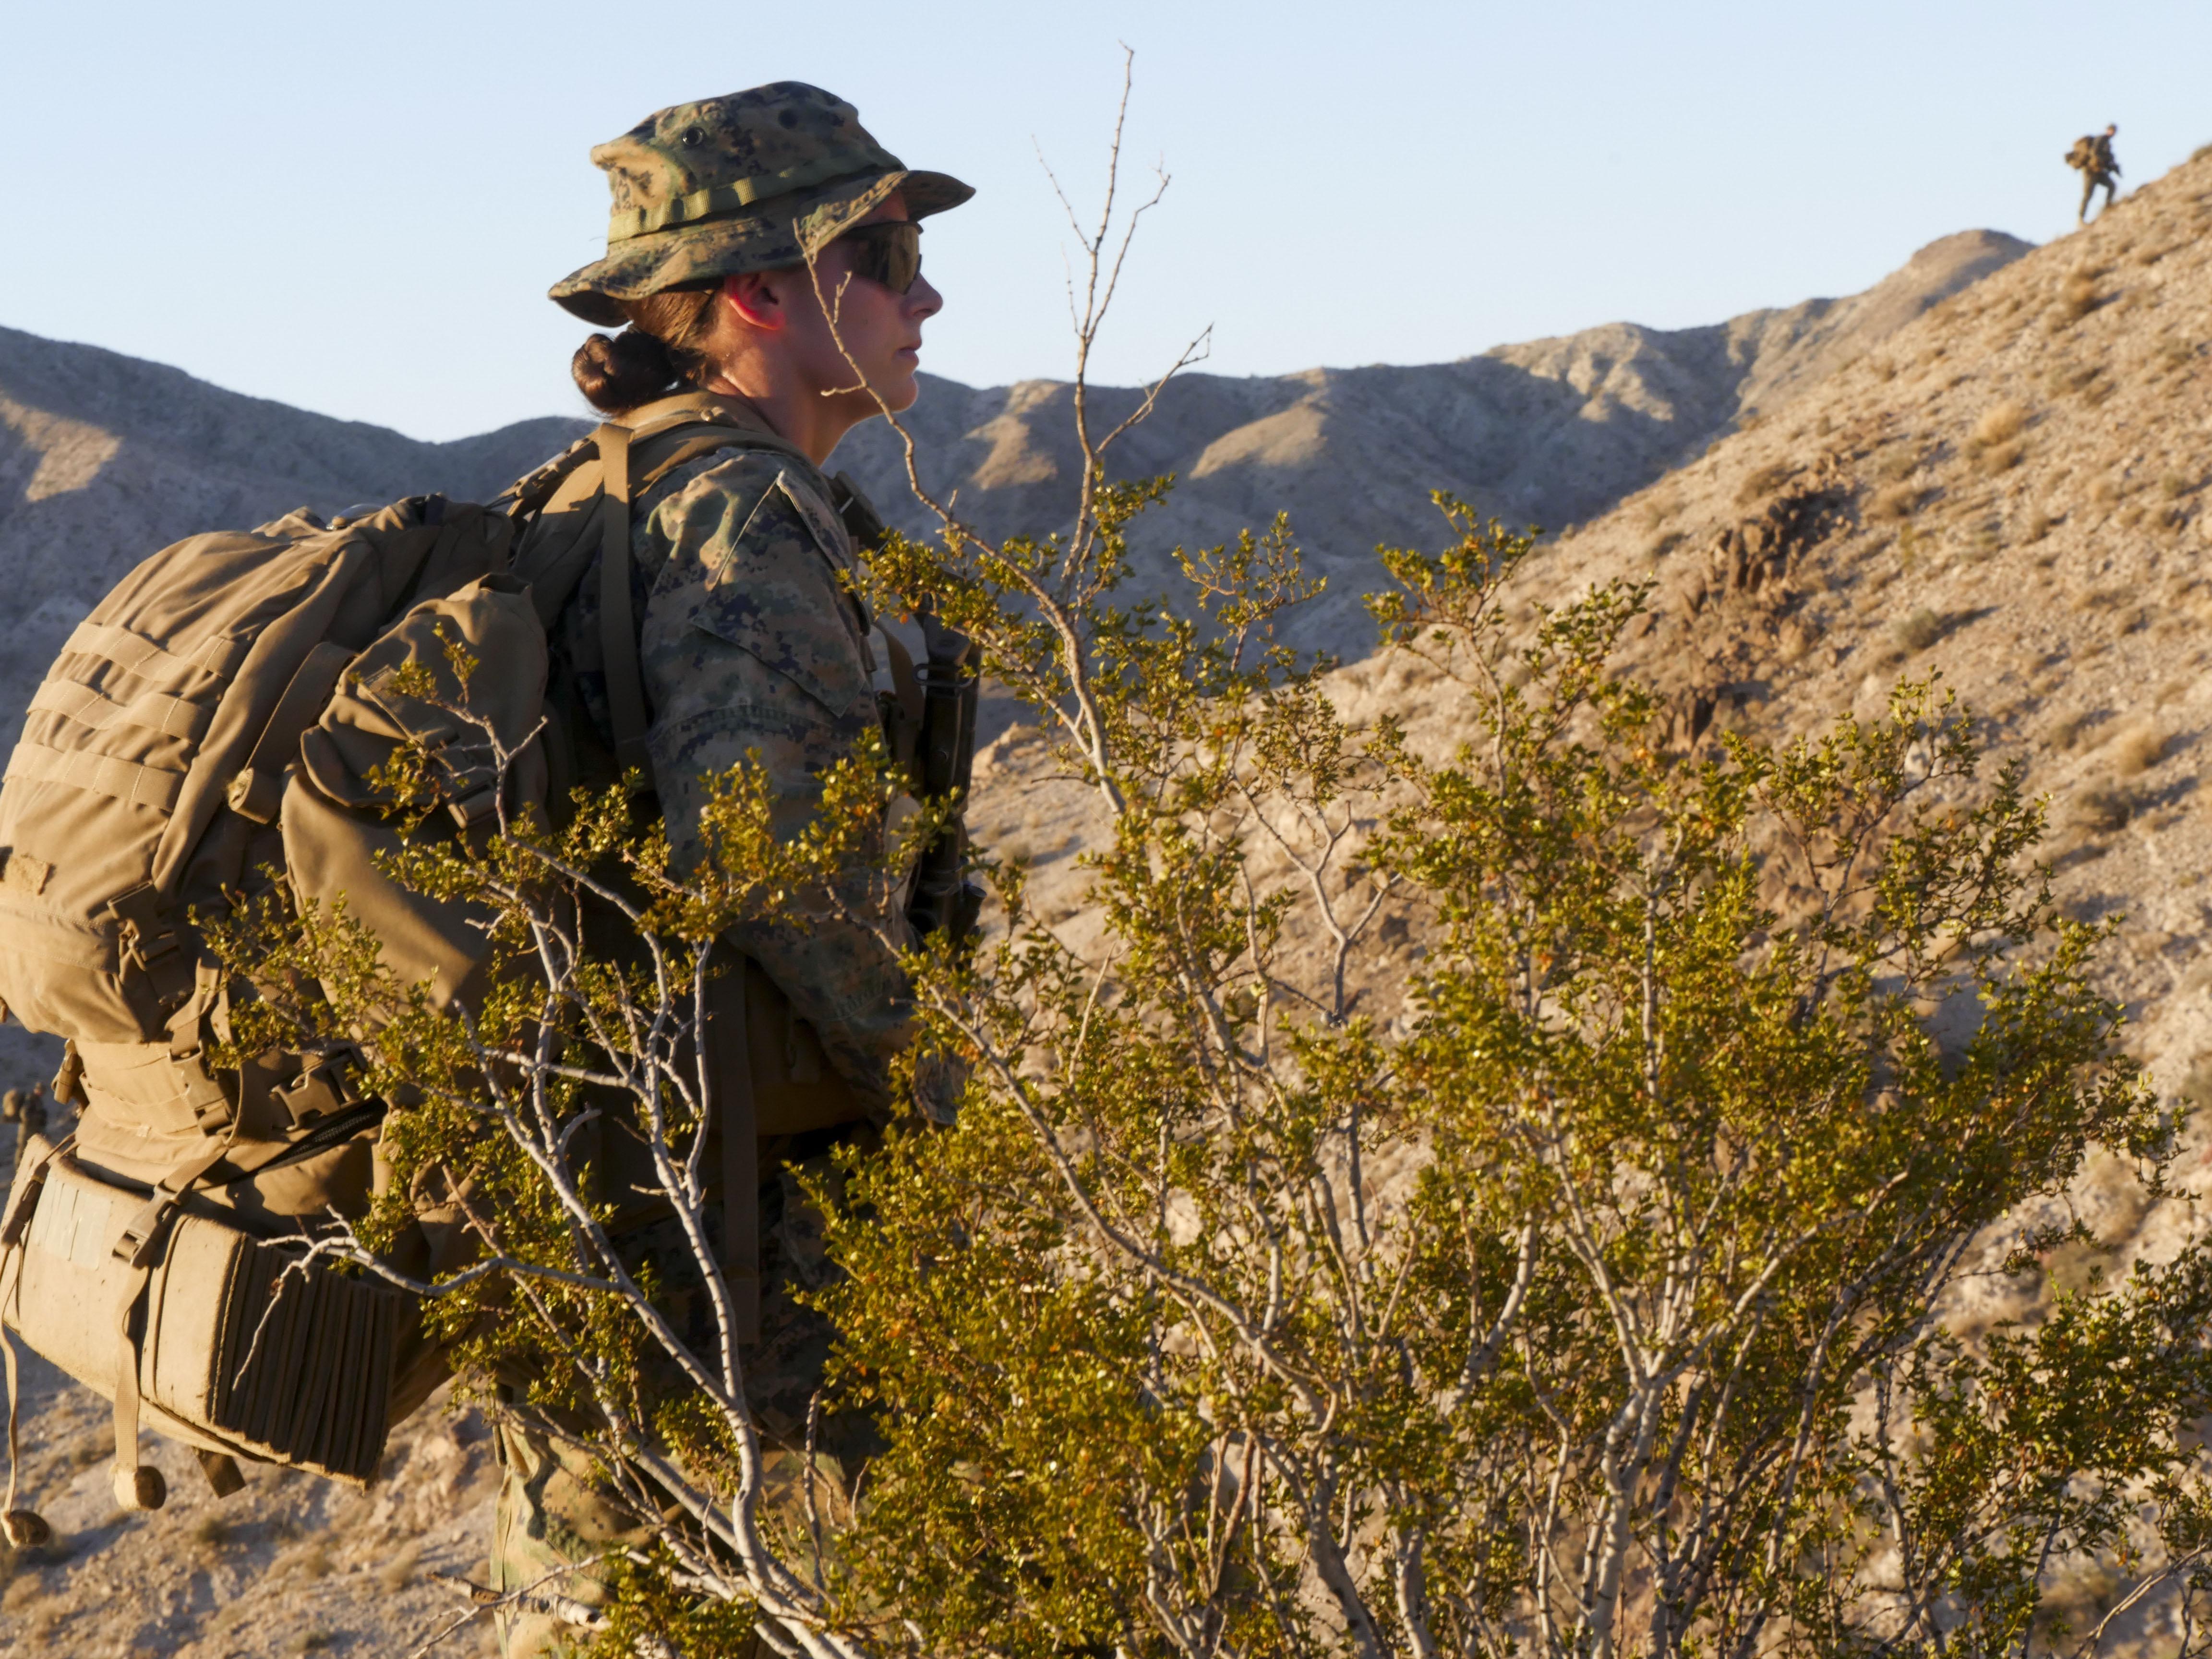 Külön mappában gyűjtötték a náluk szolgáló nők meztelen képeit az amerikai hadsereg katonái